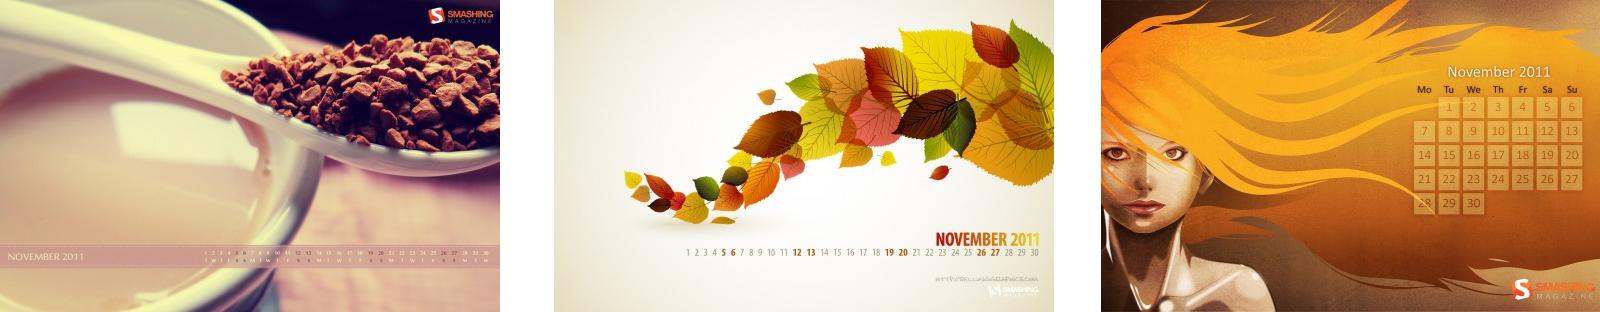 cr er son calendrier 2012 gratuitement pour l 39 imprimer bdm. Black Bedroom Furniture Sets. Home Design Ideas